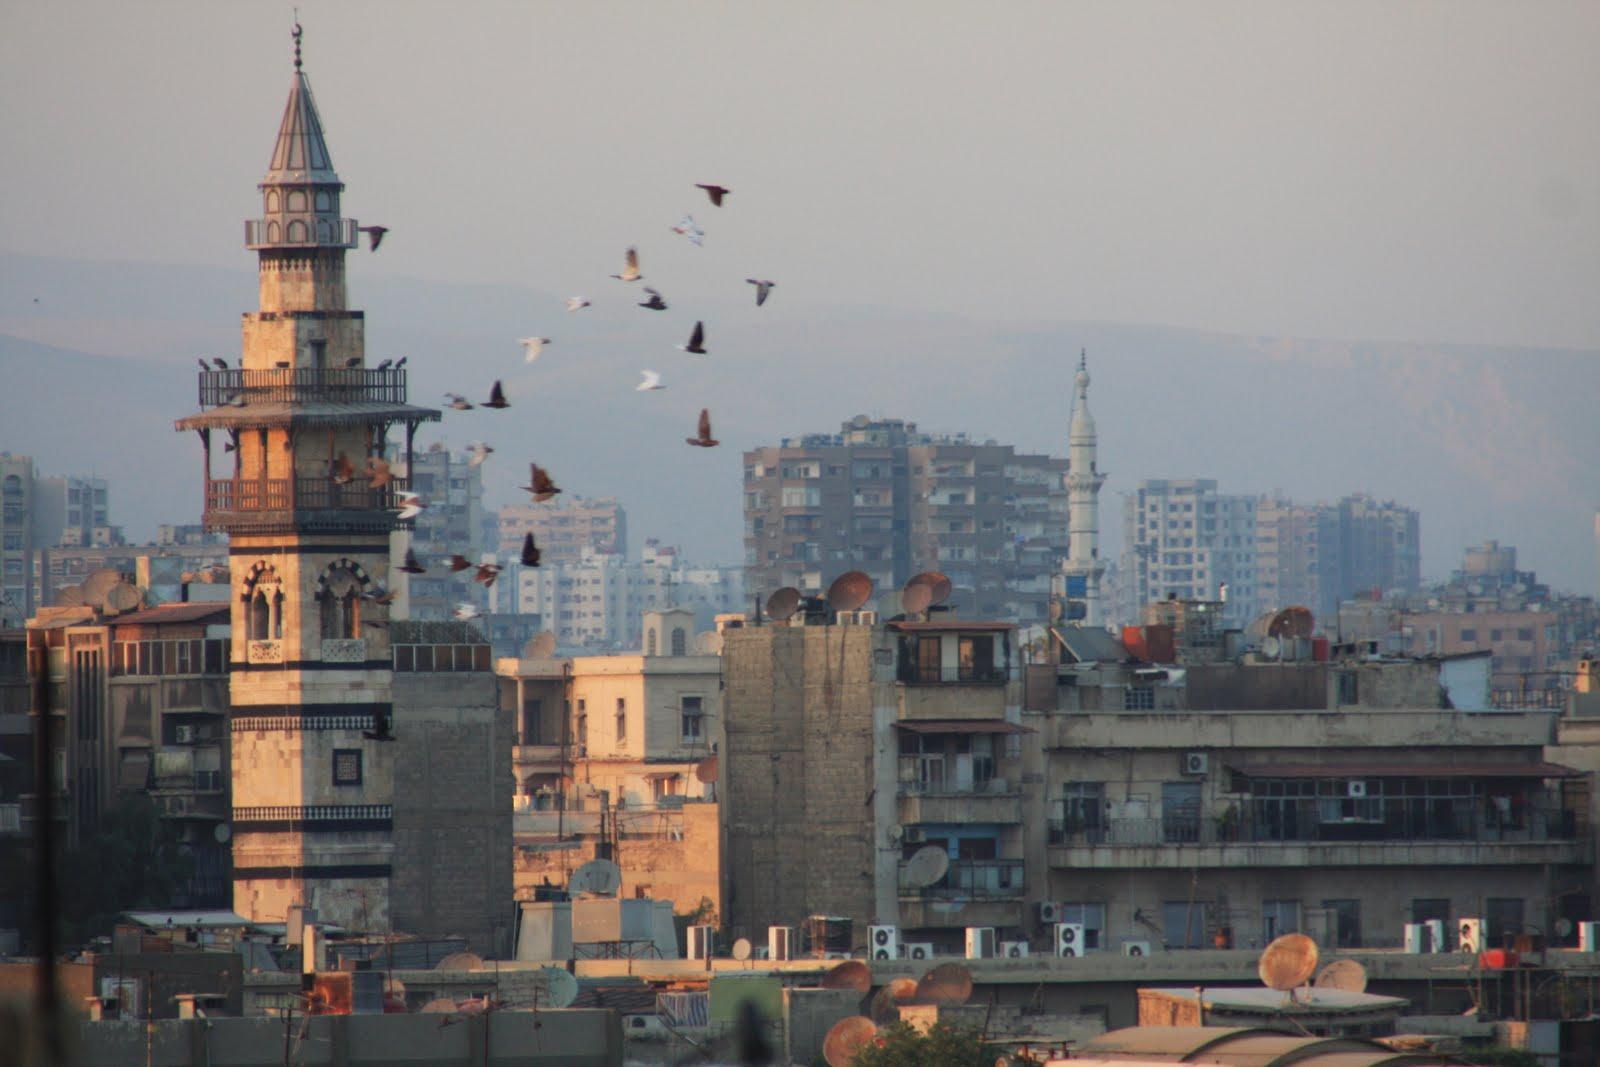 Explorando a lend ria cidade de damasco s ria - Fotos de damasco ...